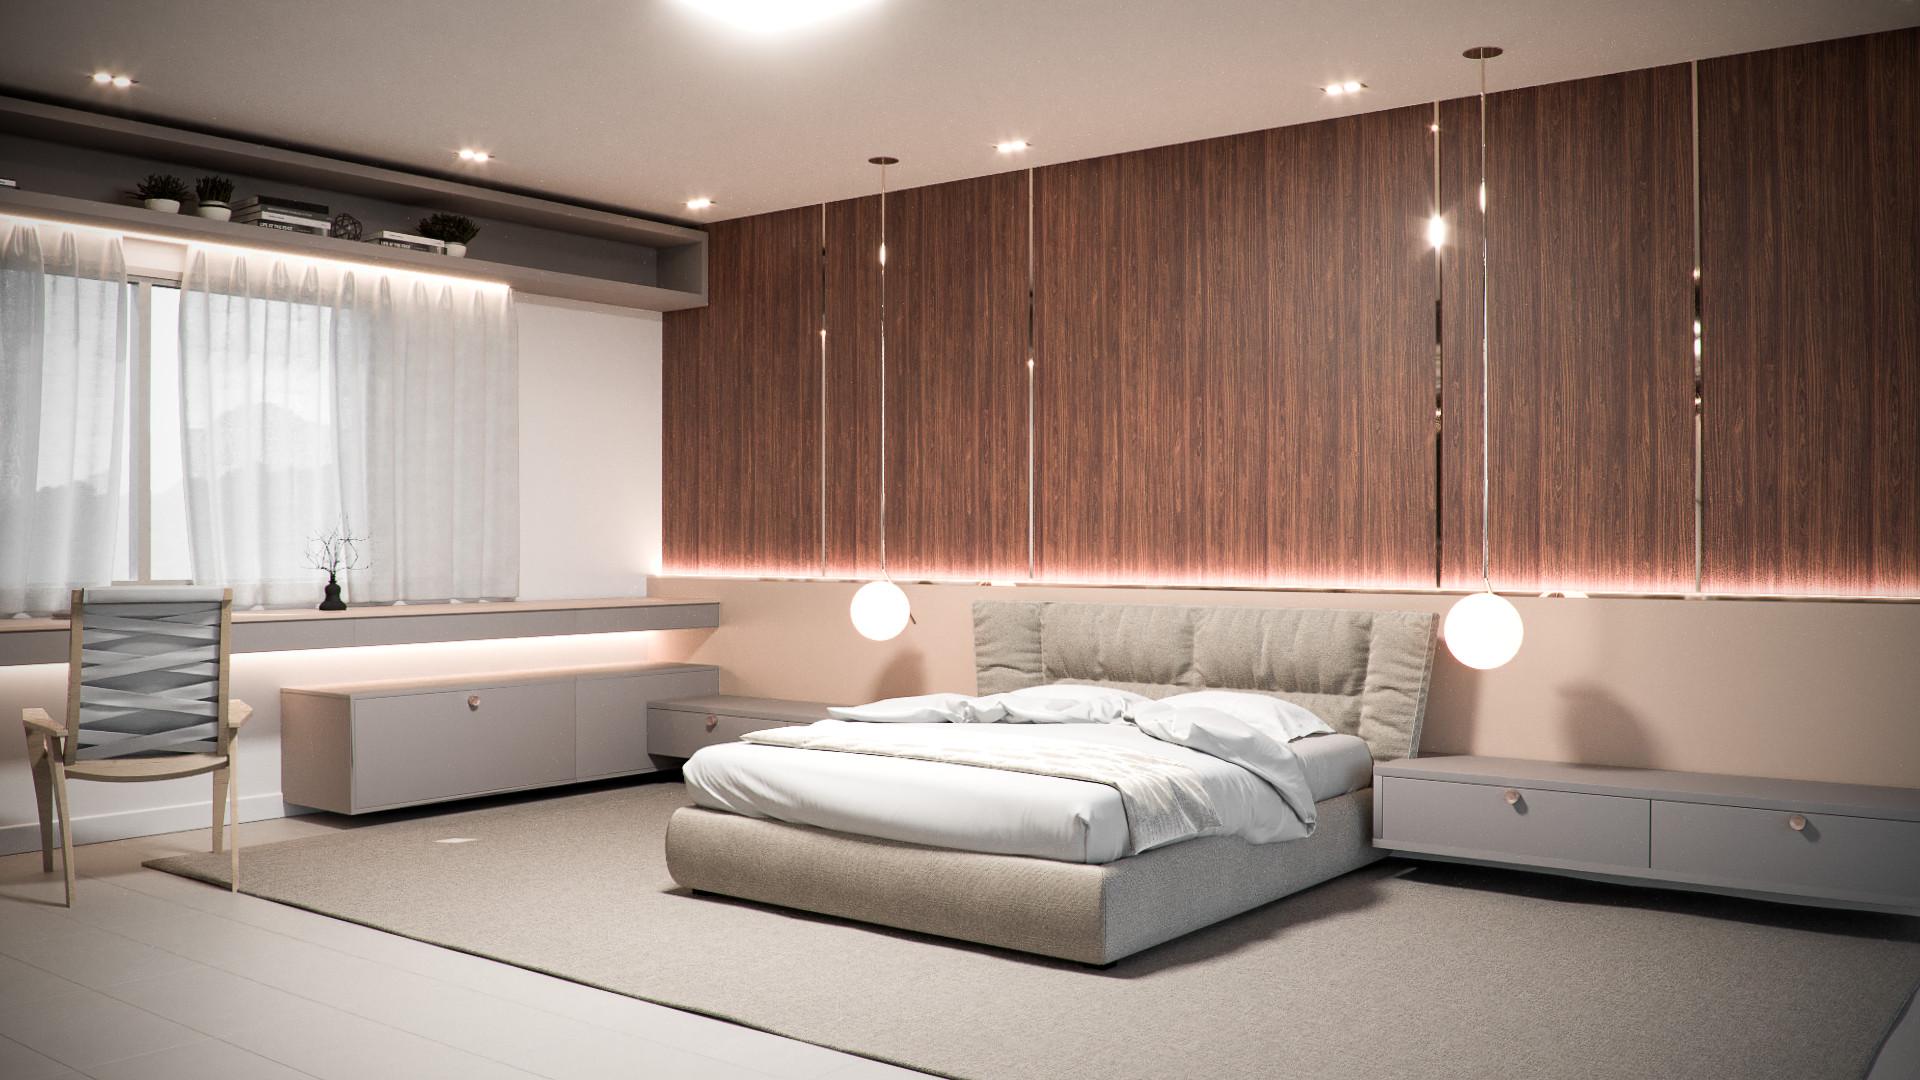 dormitorio casal minimalisma origens 2022